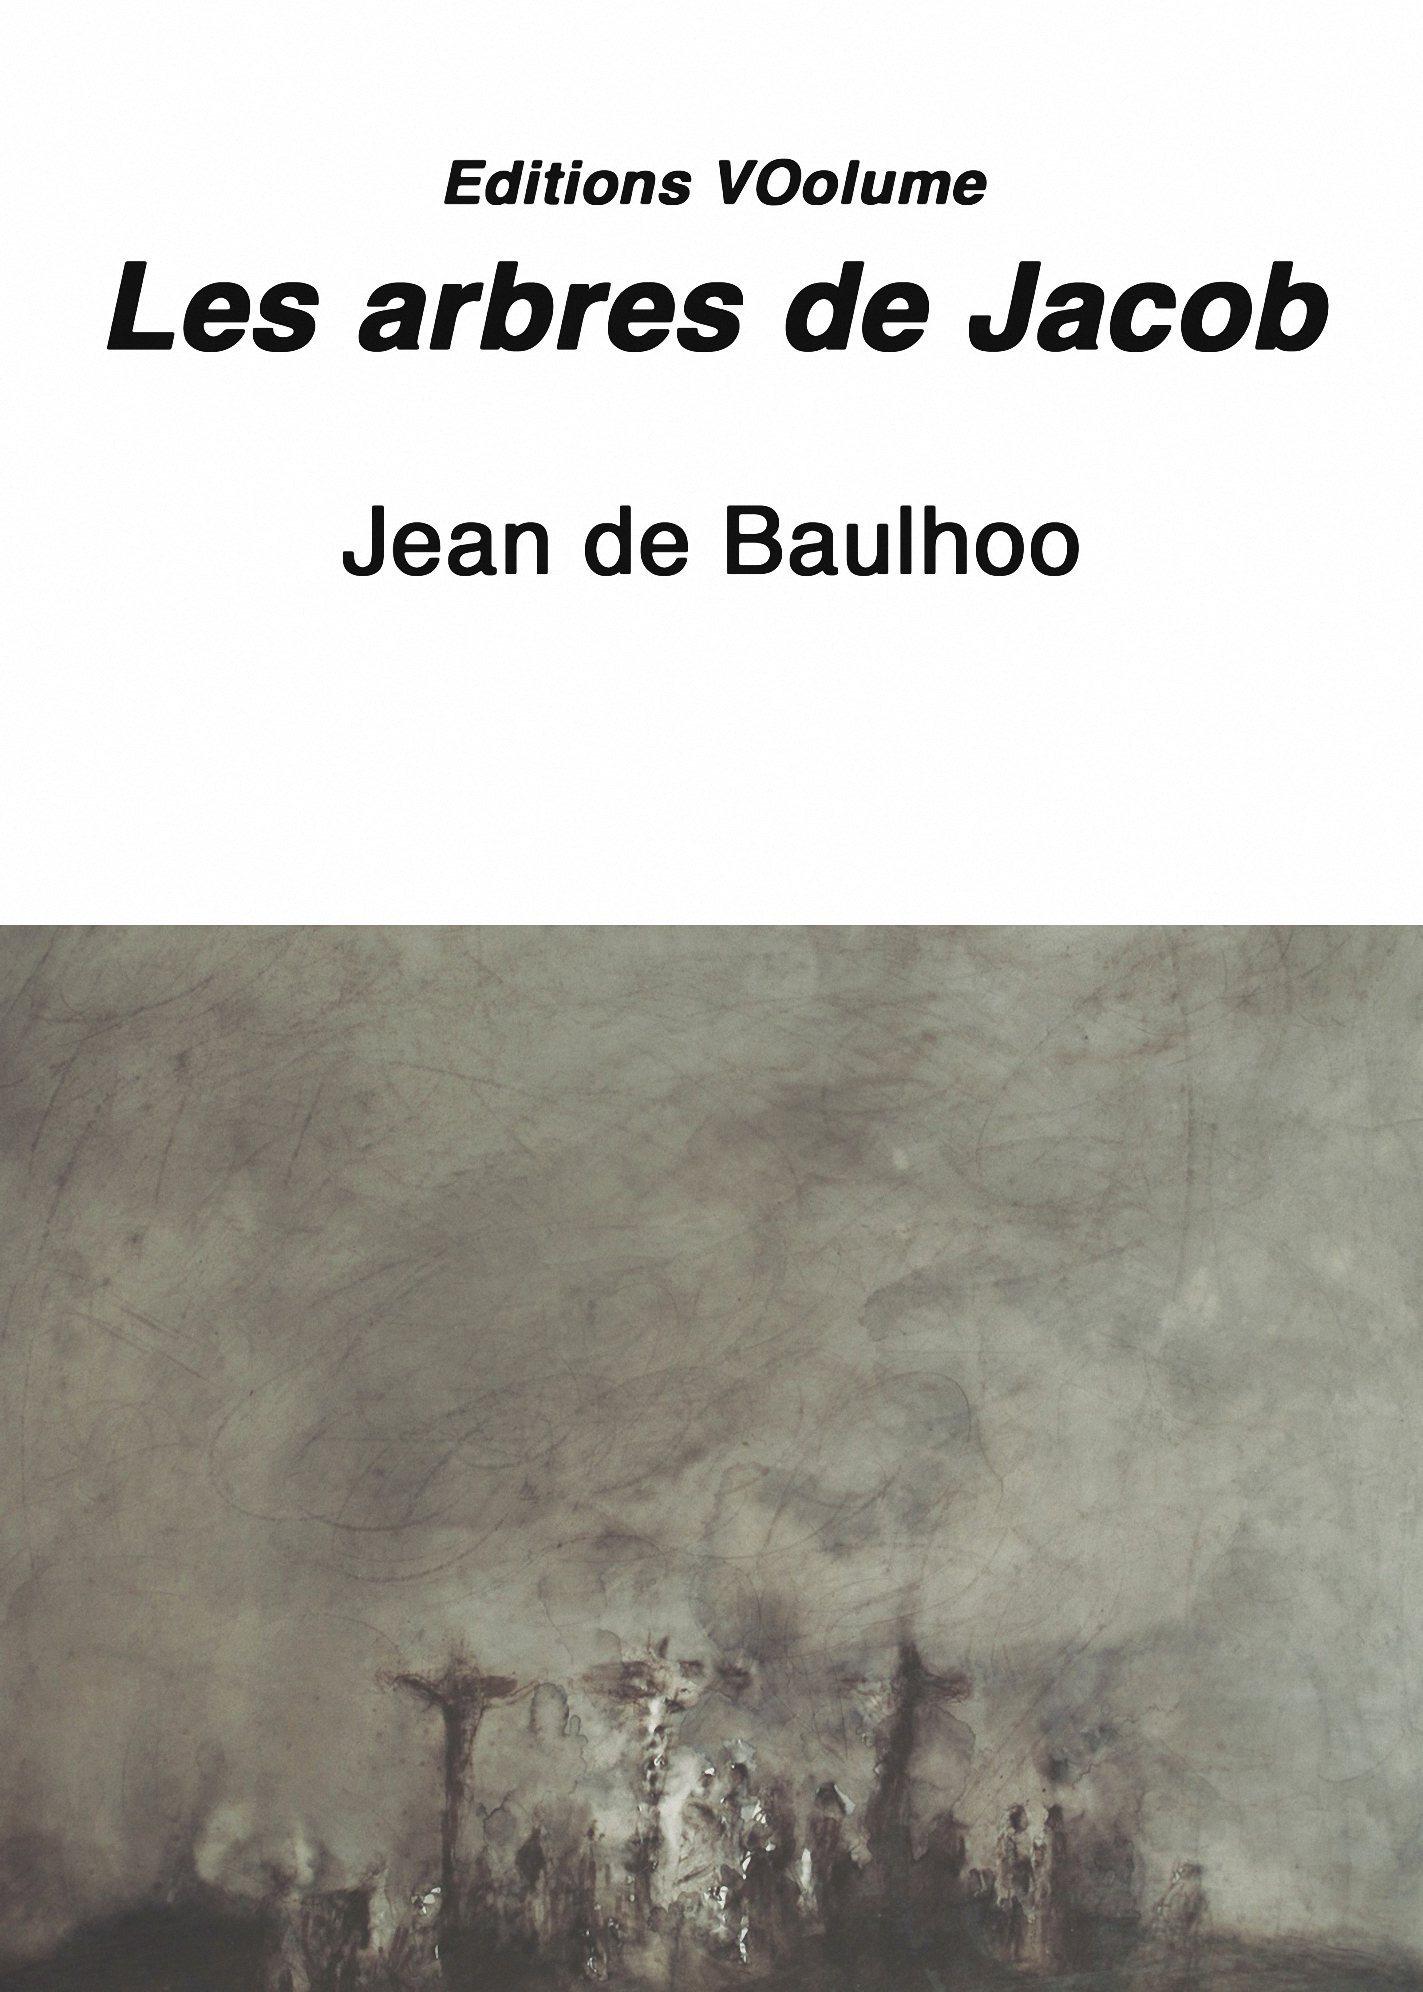 Les arbres de Jacob